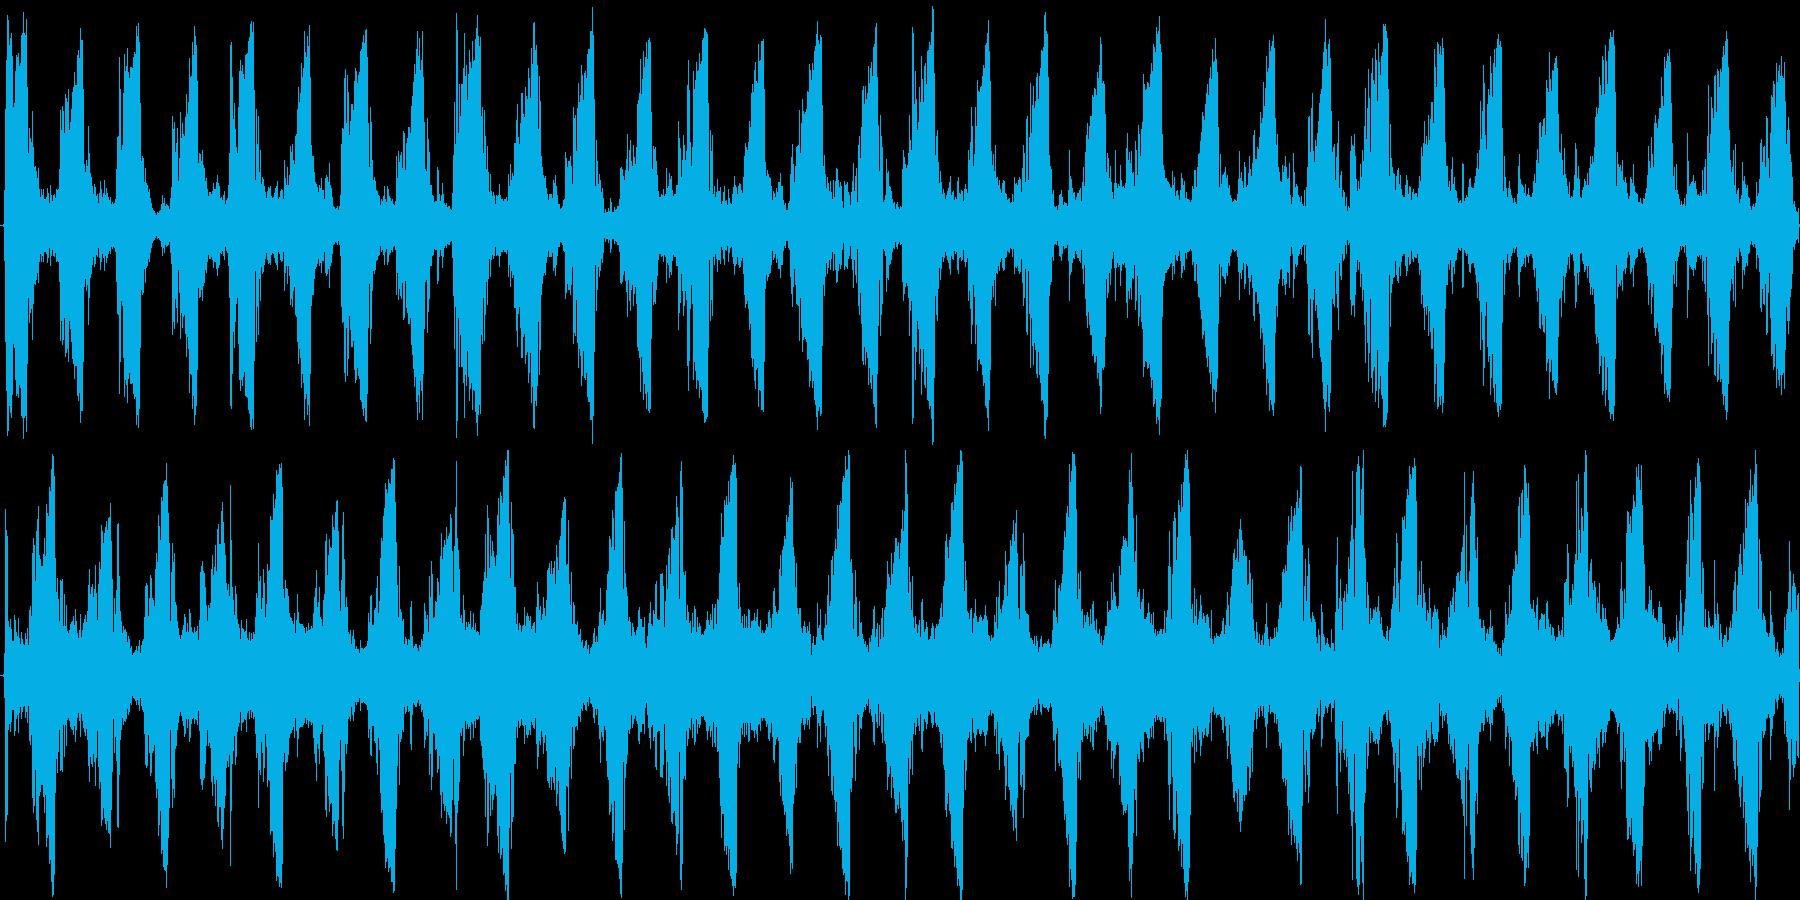 スクラッチが特徴の電子的なテクノの再生済みの波形